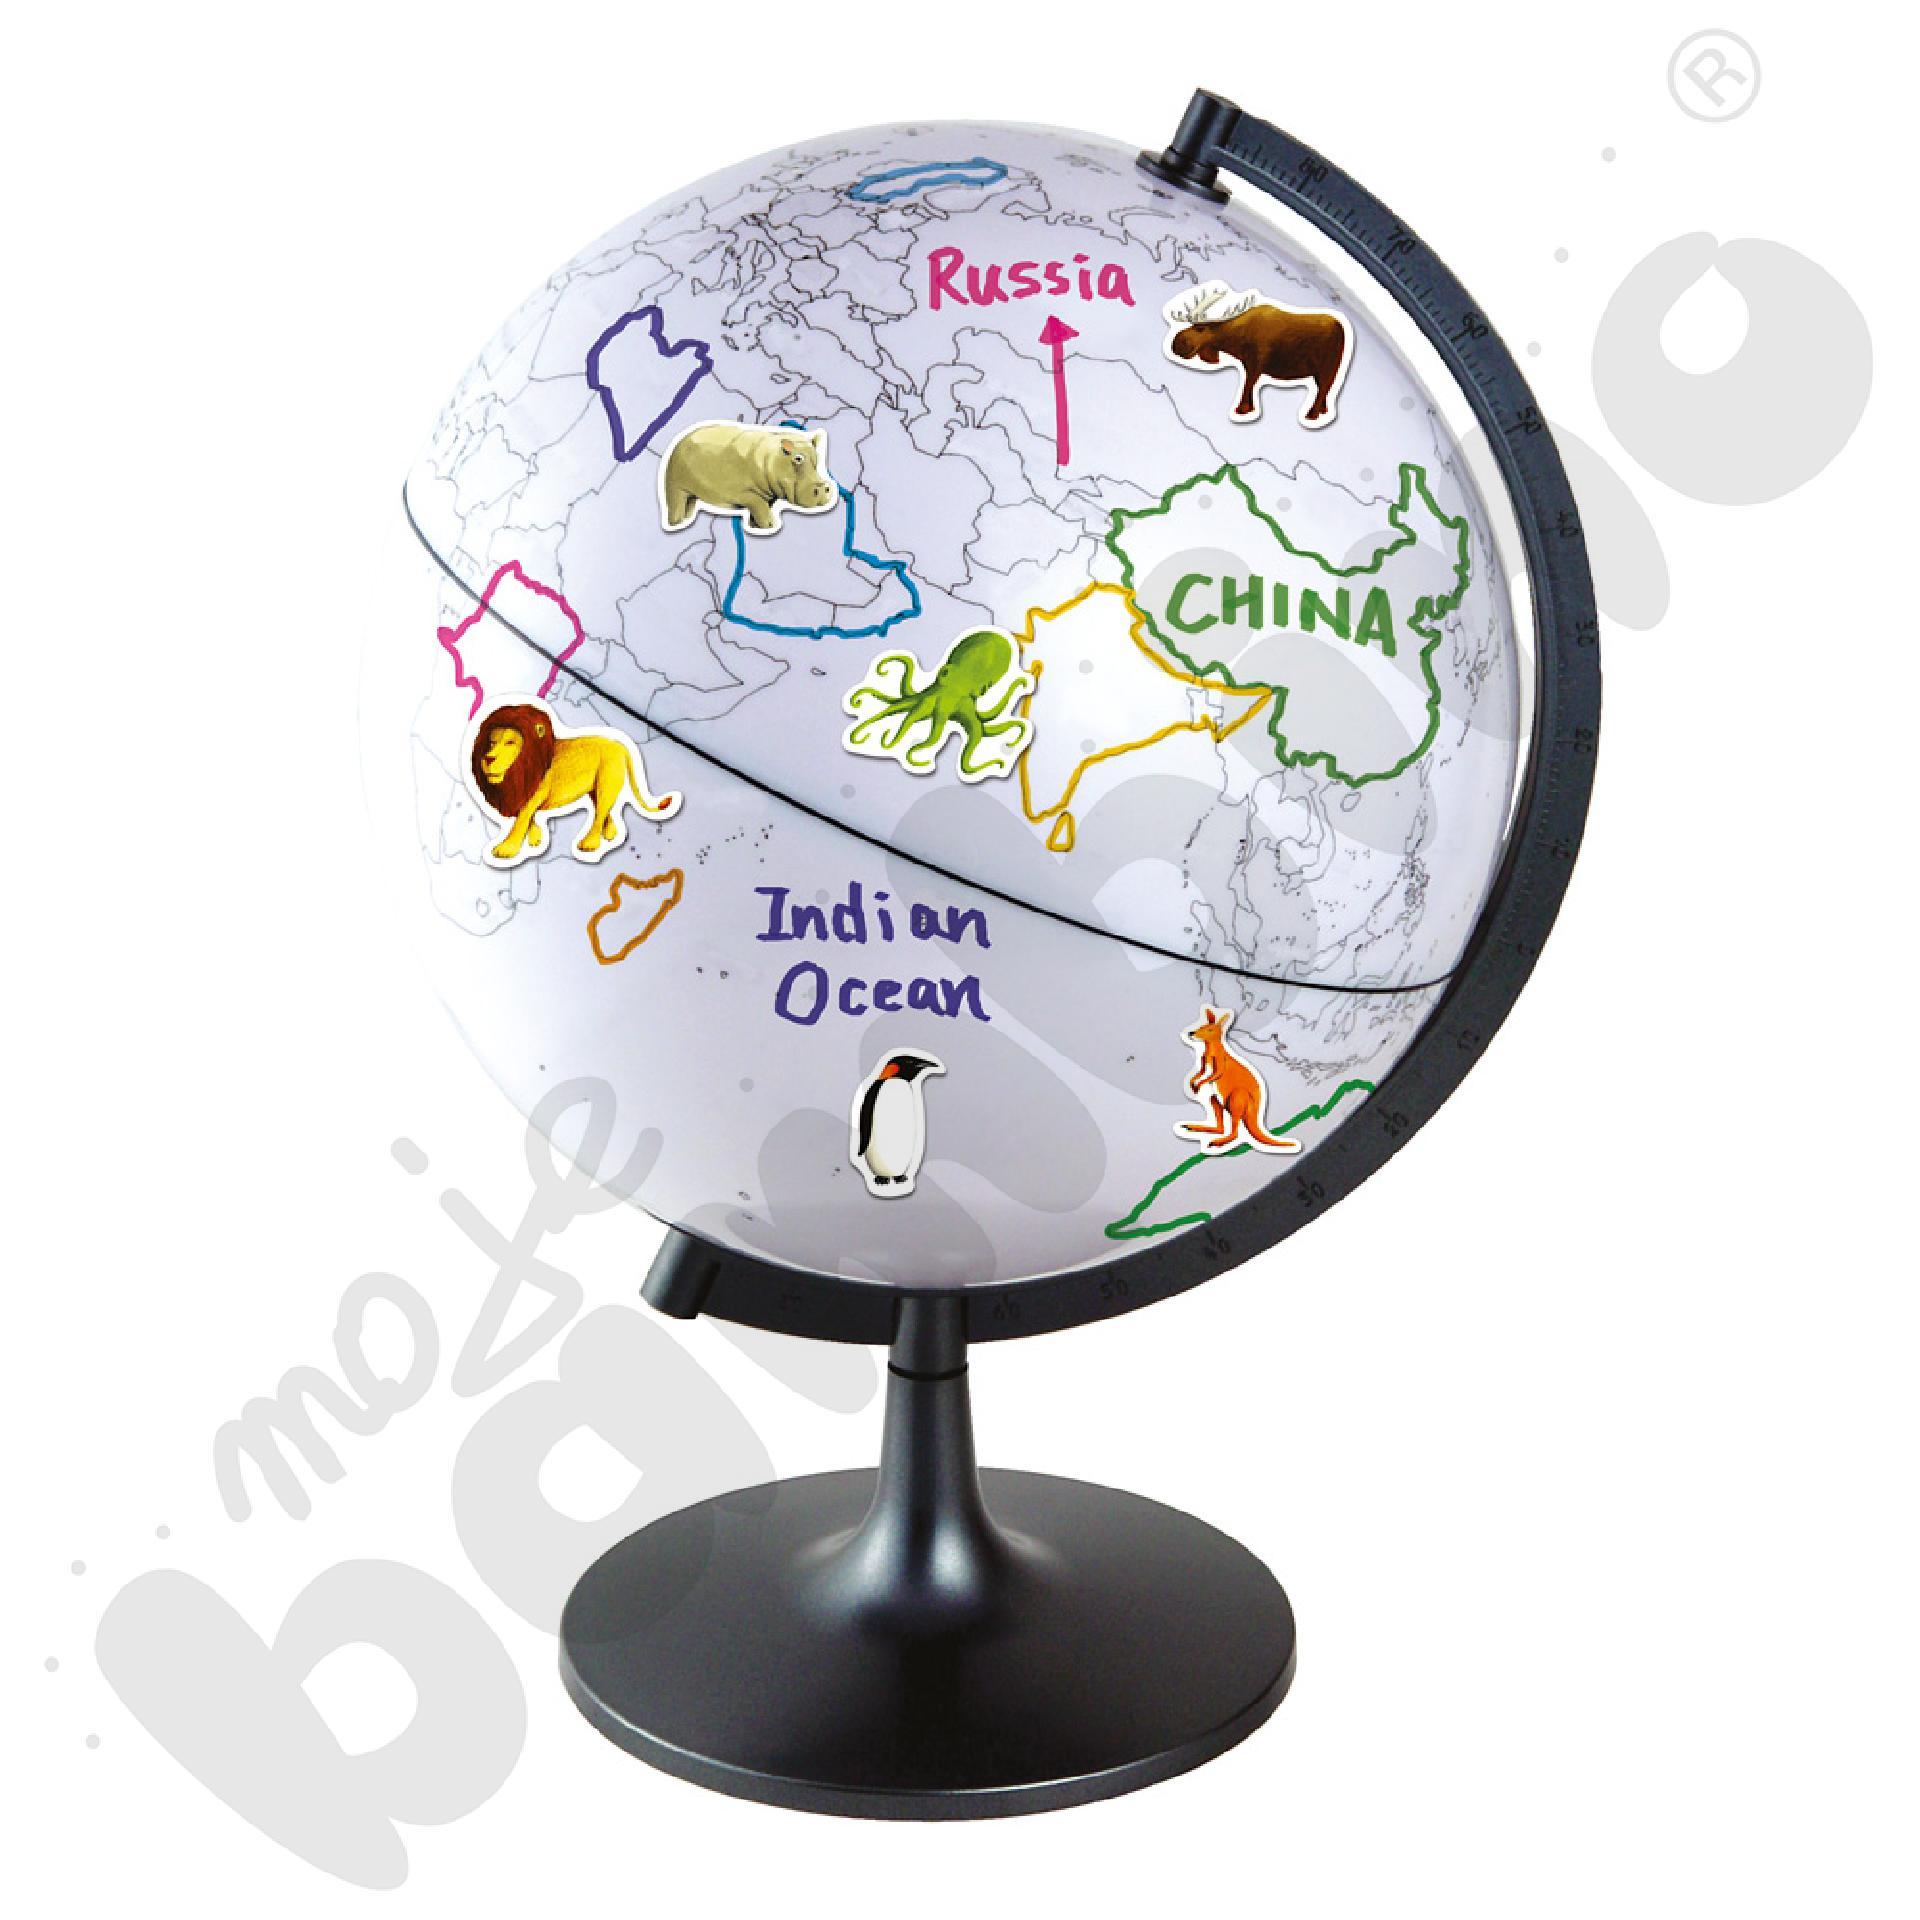 Globus - pokoloruj świat